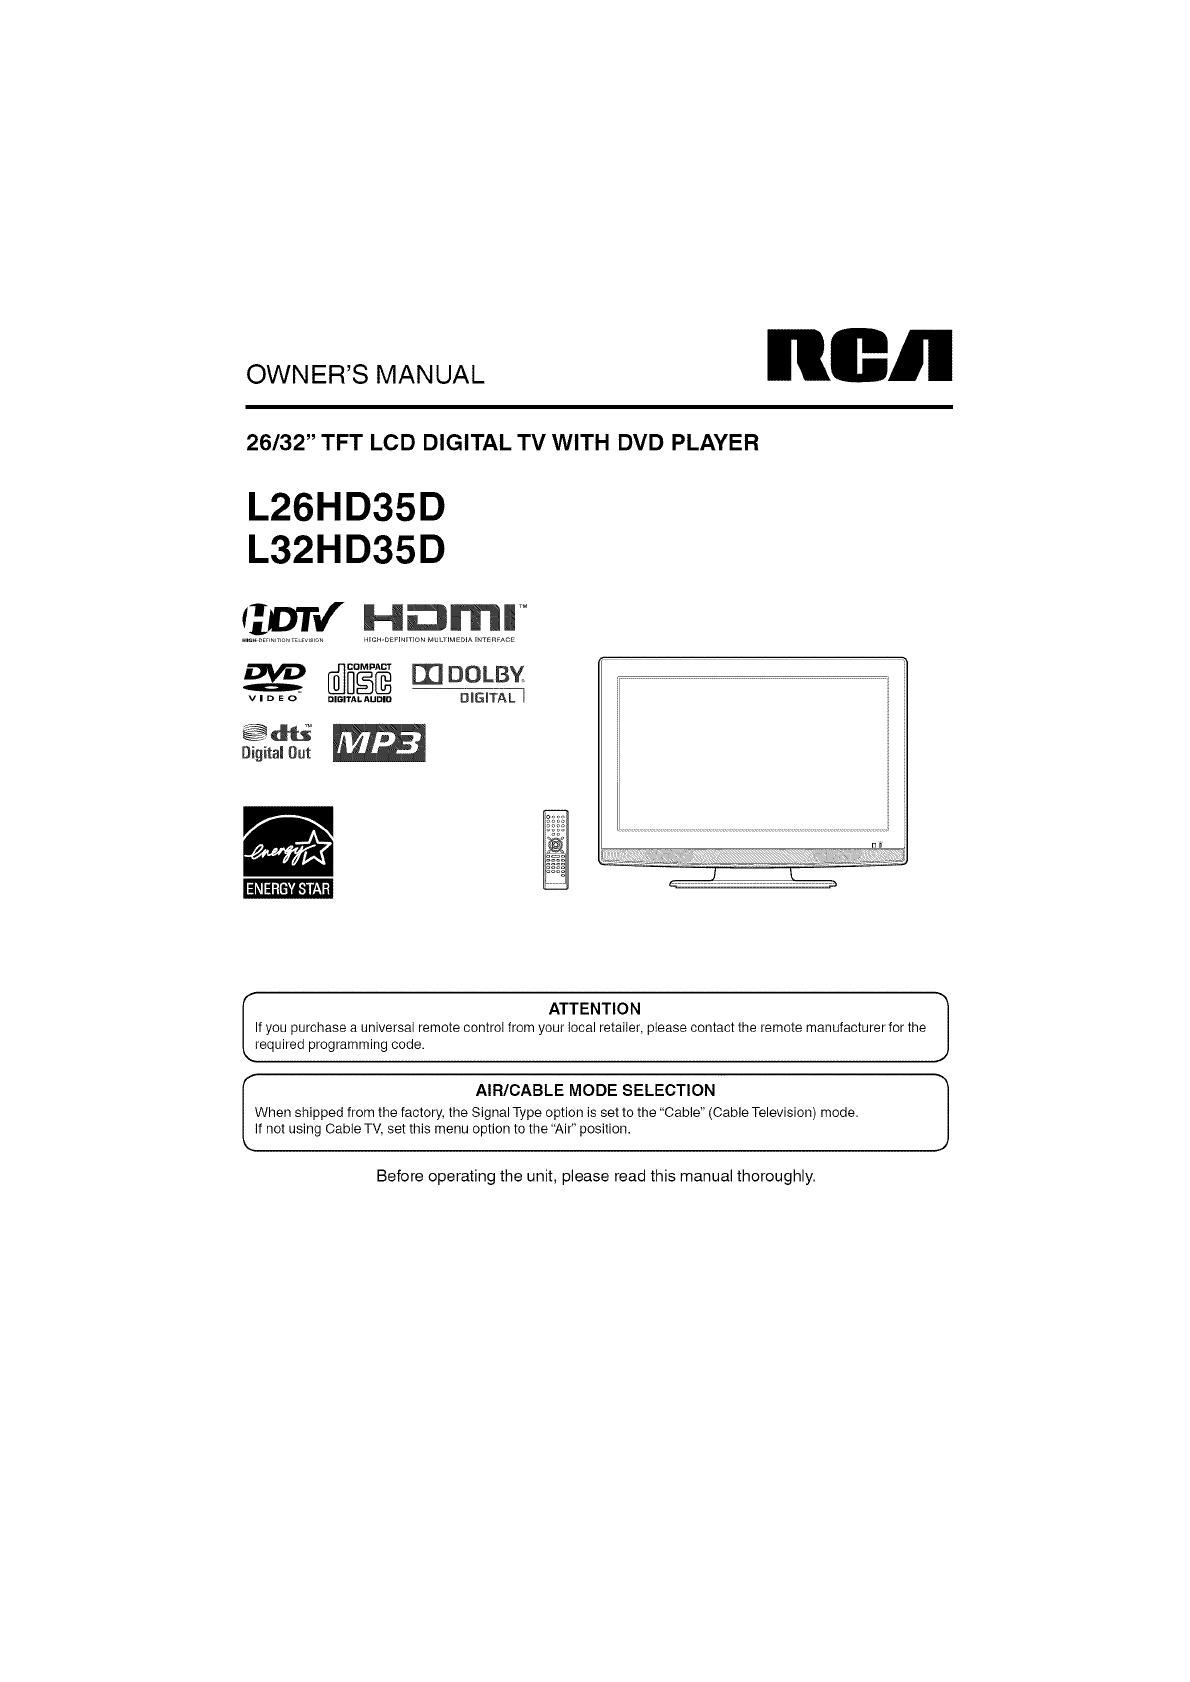 rca tv hook up diagrams rca l32hd35d user manual lcd television manuals and guides l0908740  rca l32hd35d user manual lcd television